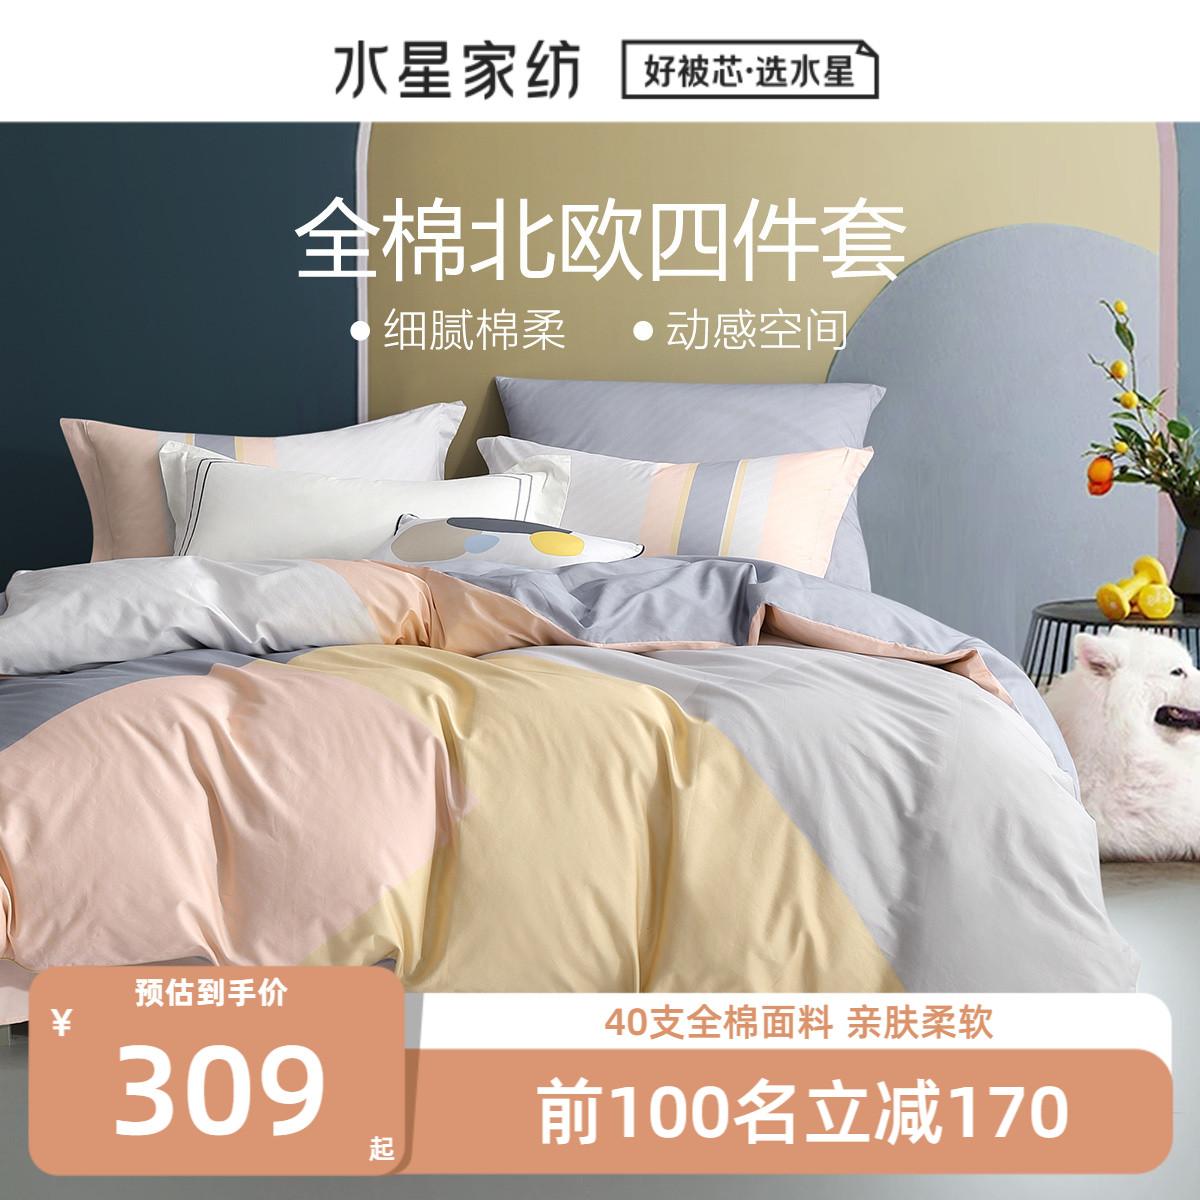 水星家纺新疆棉全棉四件套纯棉床单